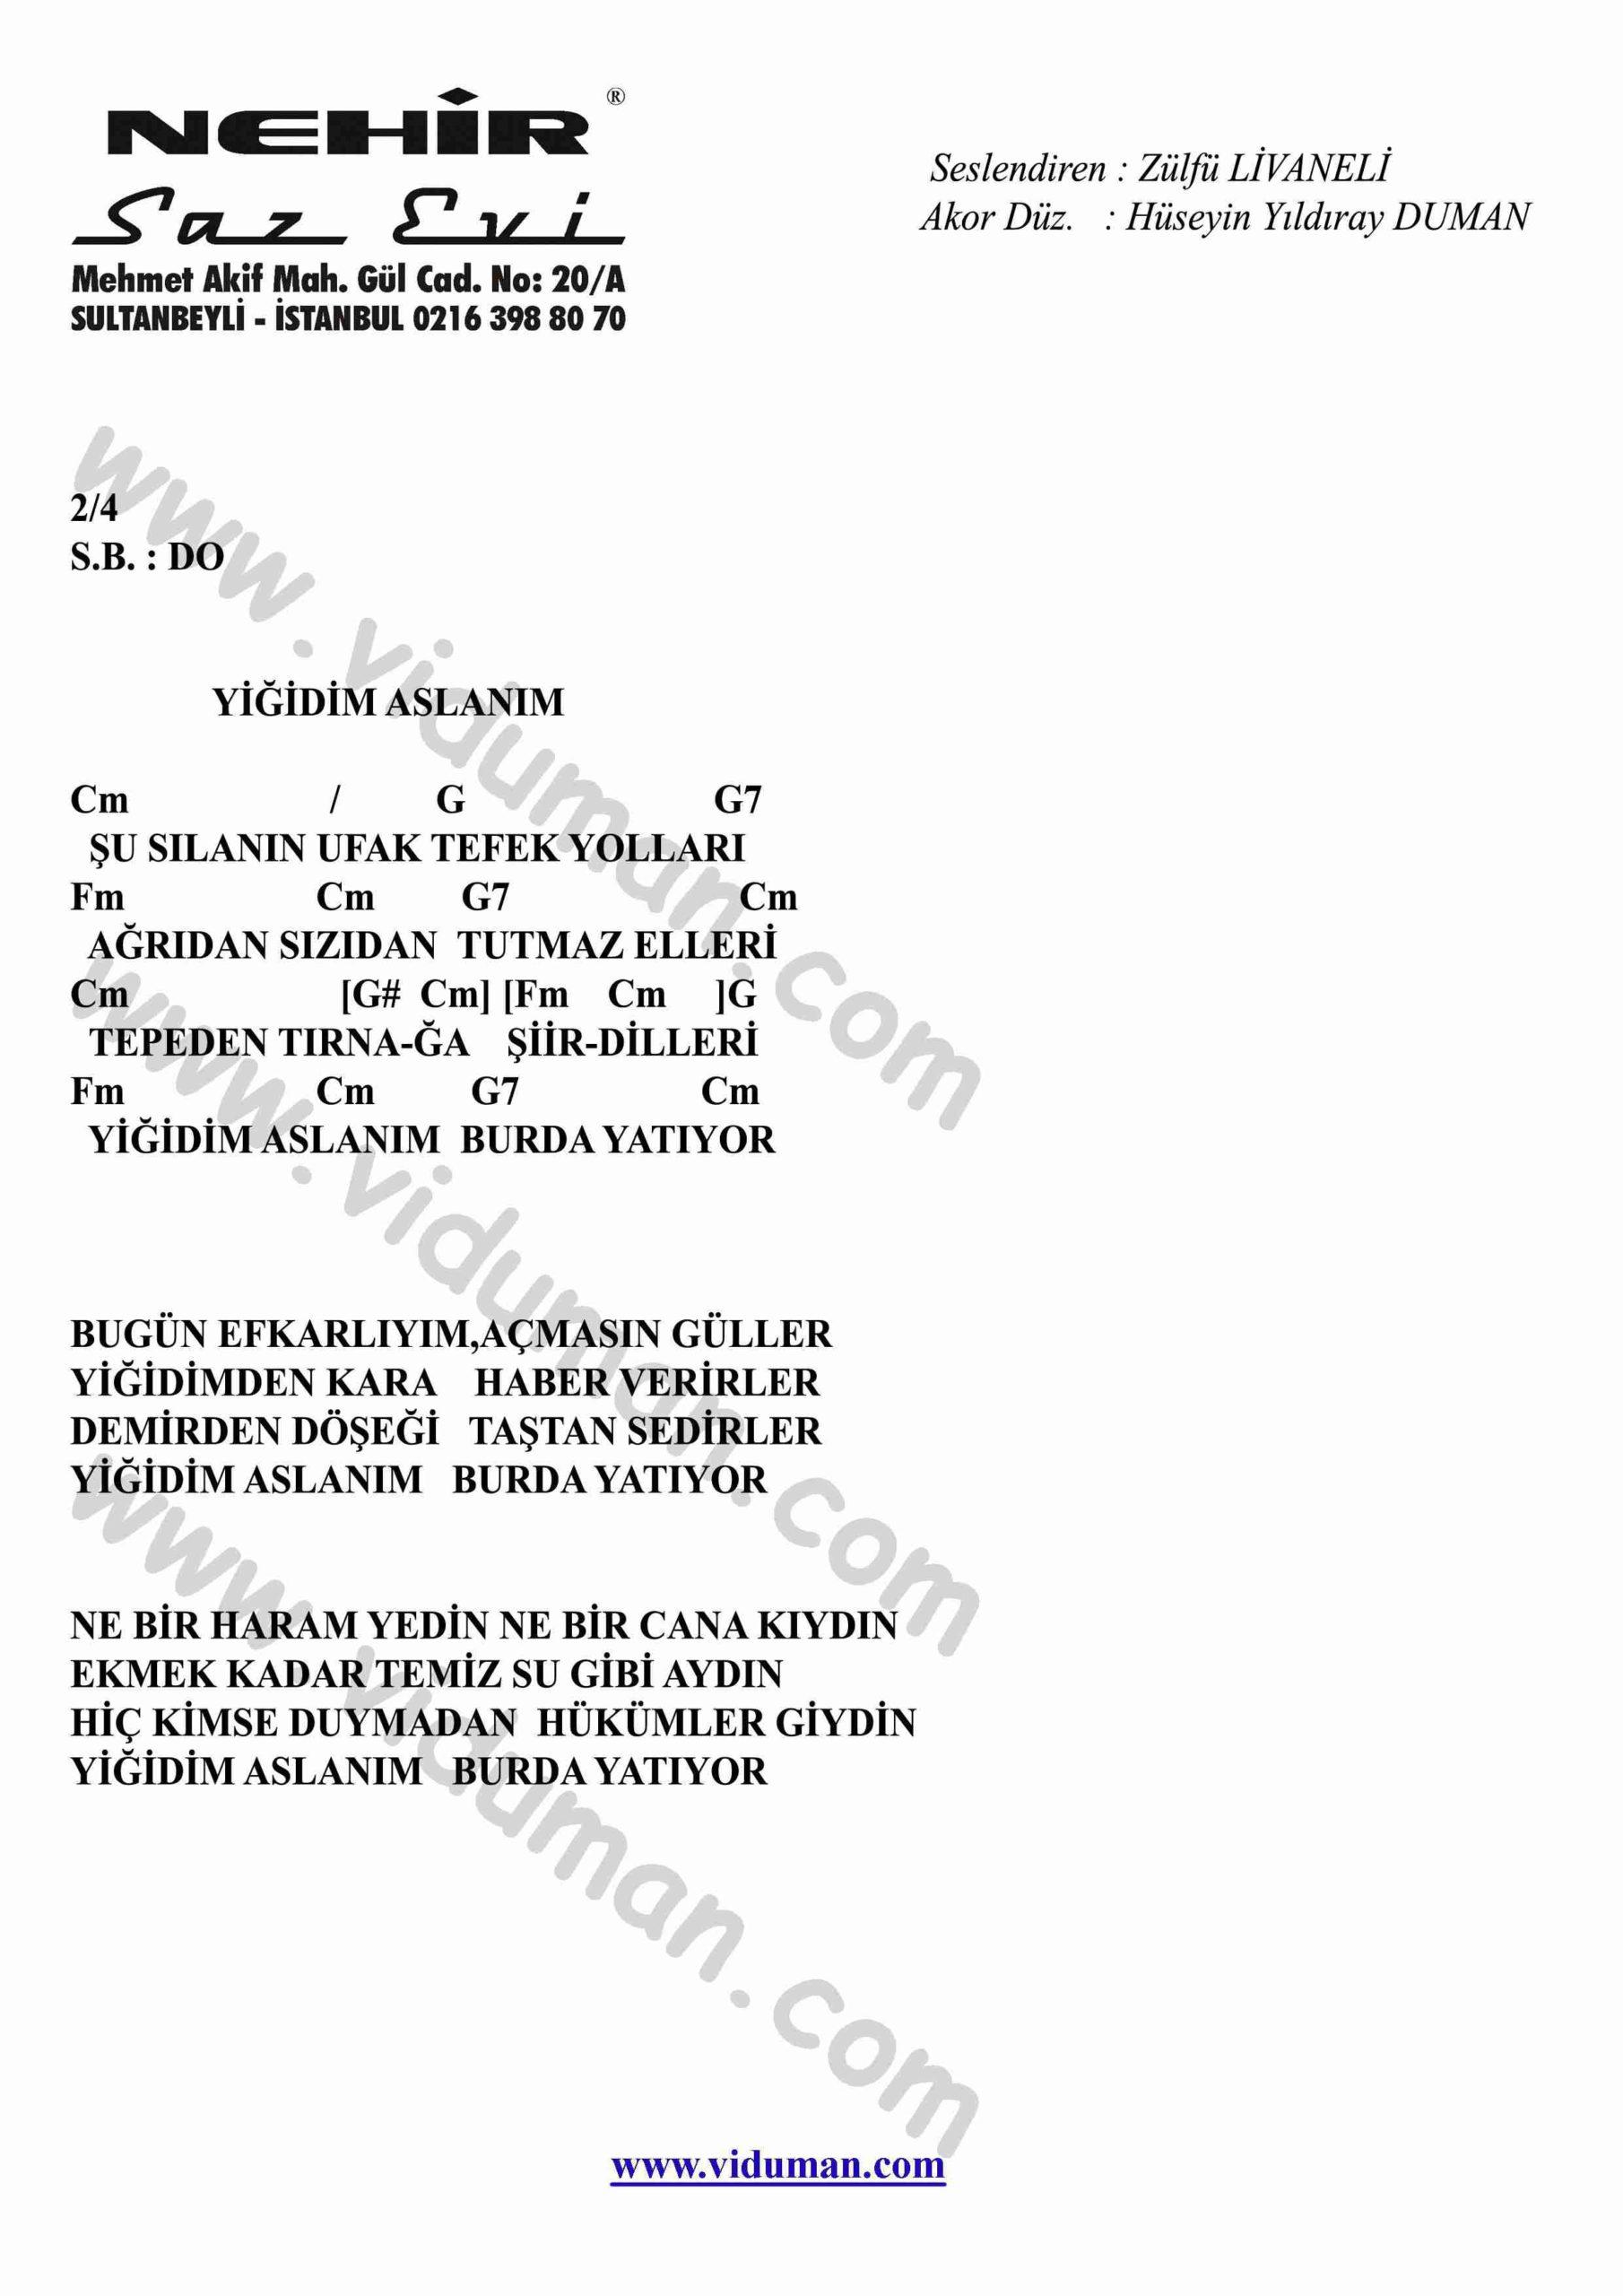 Yigidim Aslanim-Gitar-Ritim-Akorlari